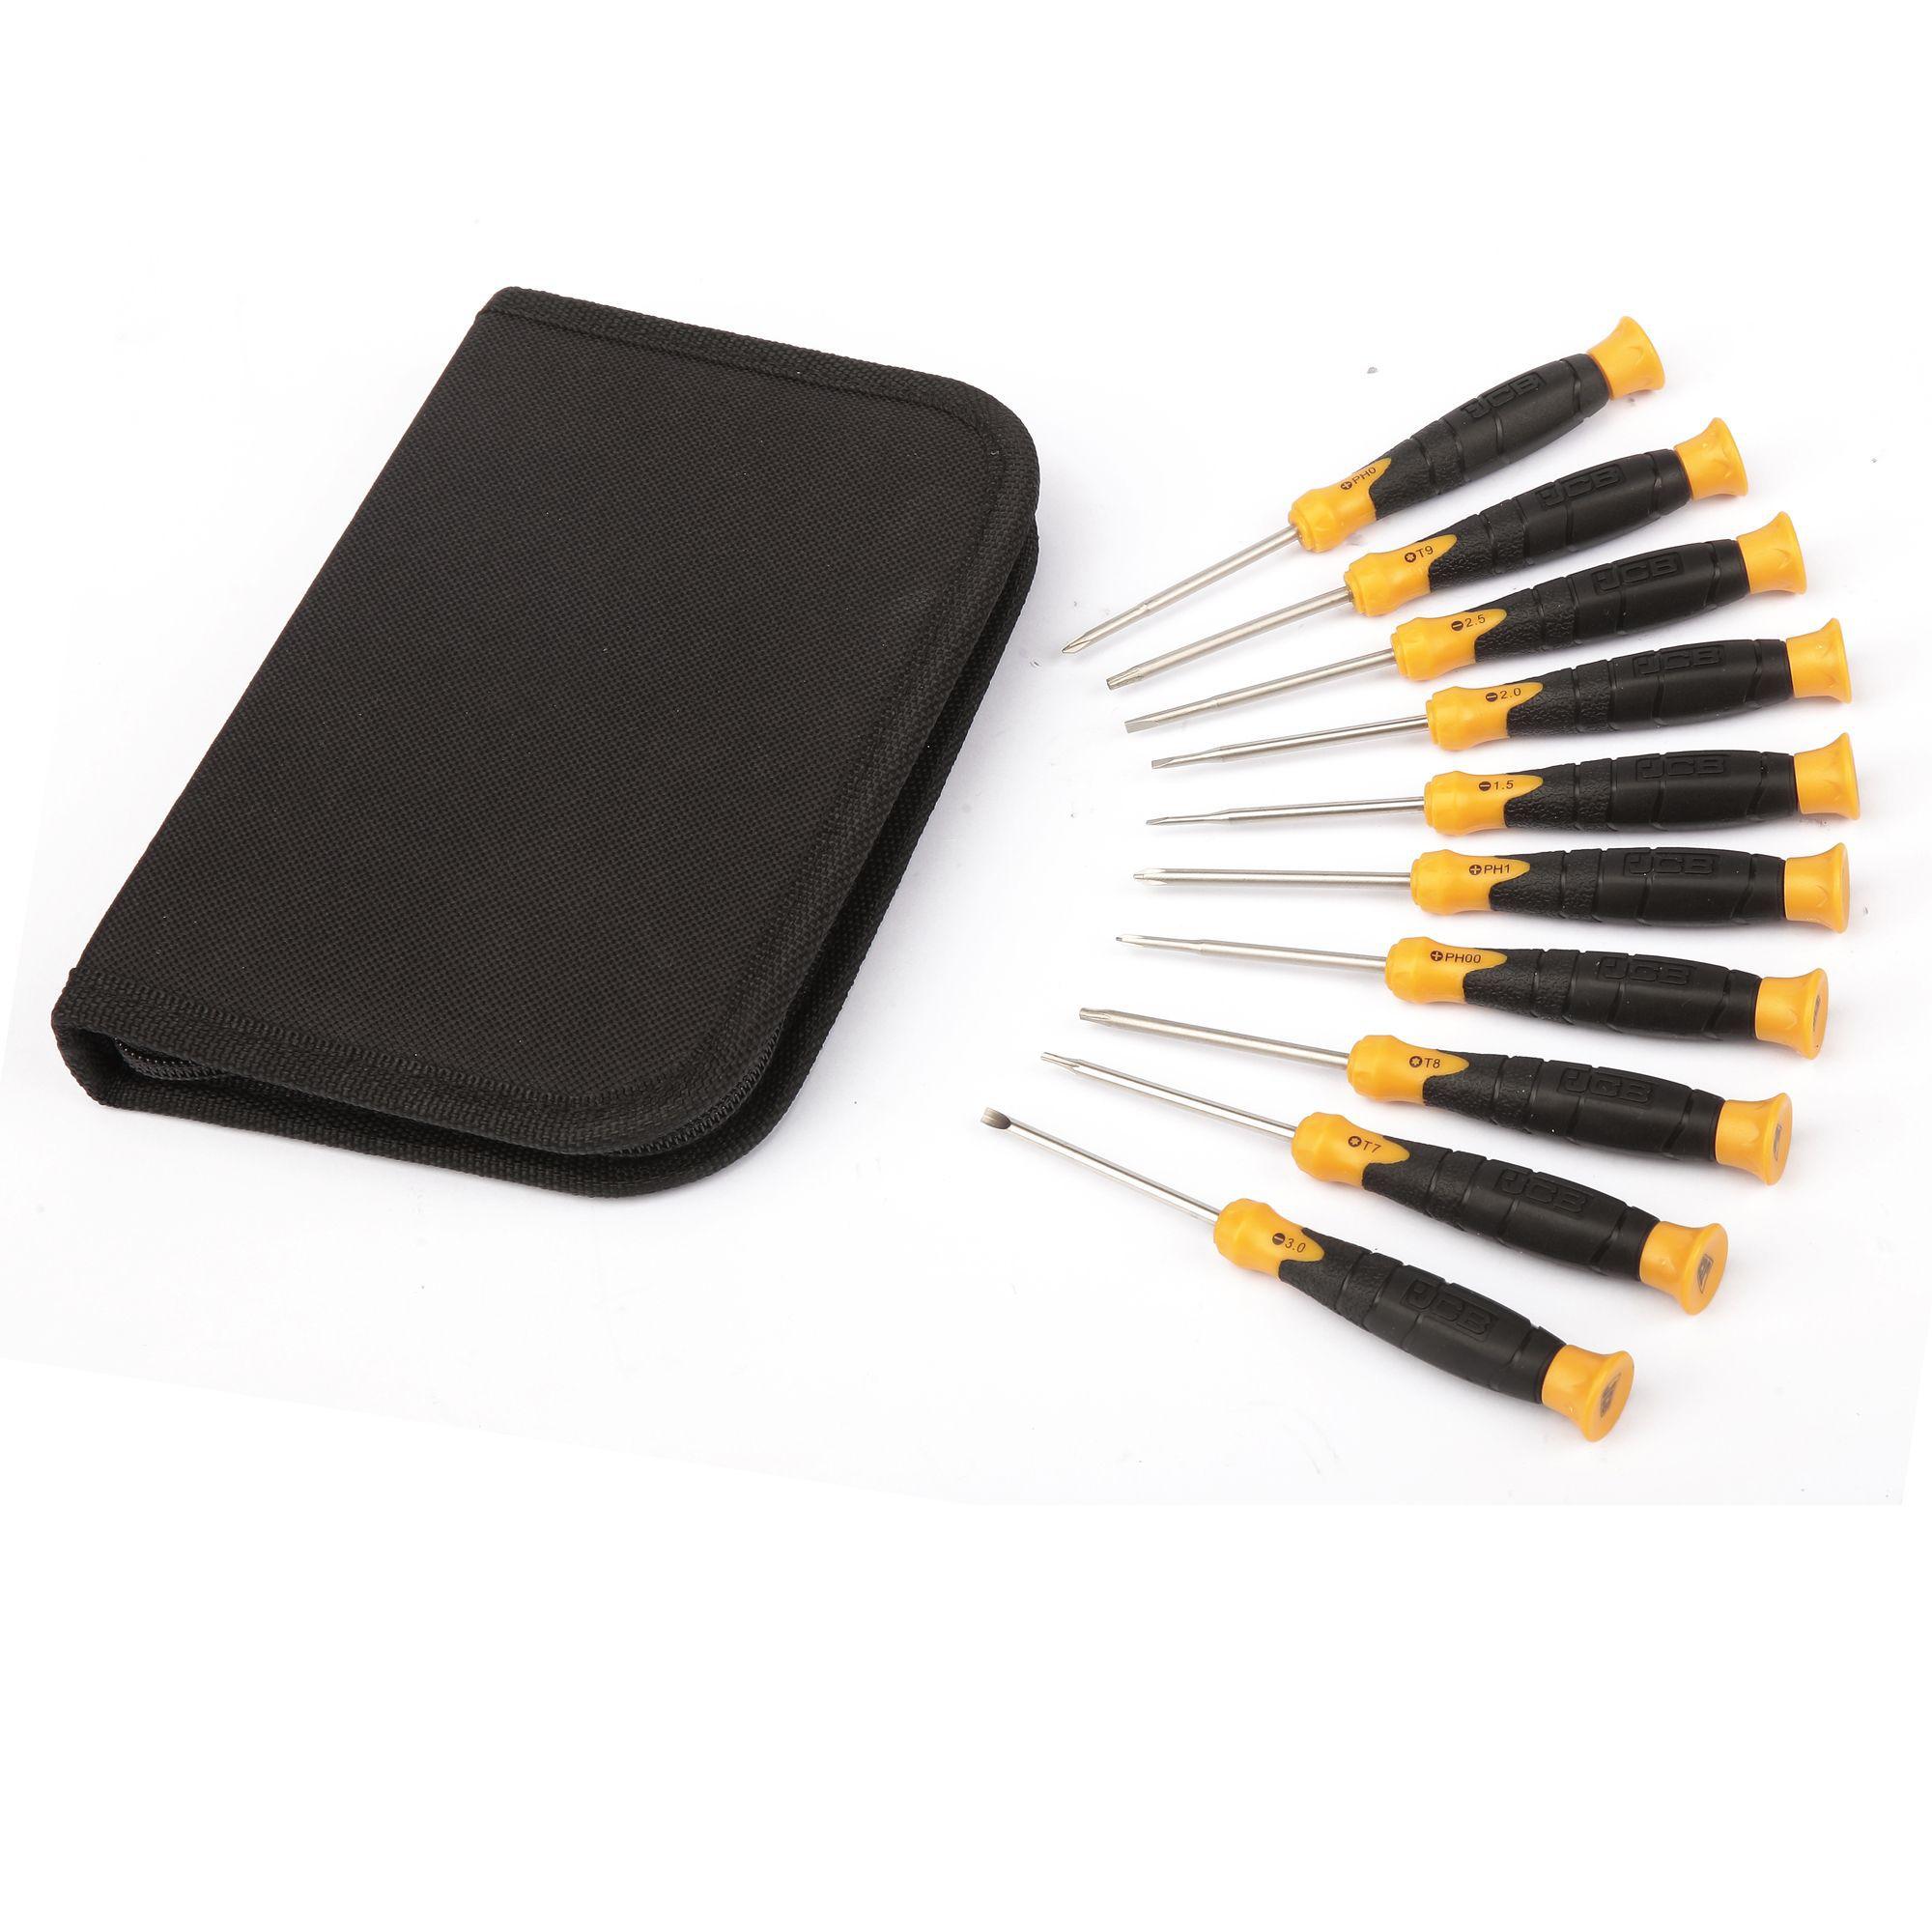 jcb 10 piece mixed screwdriver set departments diy at b q. Black Bedroom Furniture Sets. Home Design Ideas